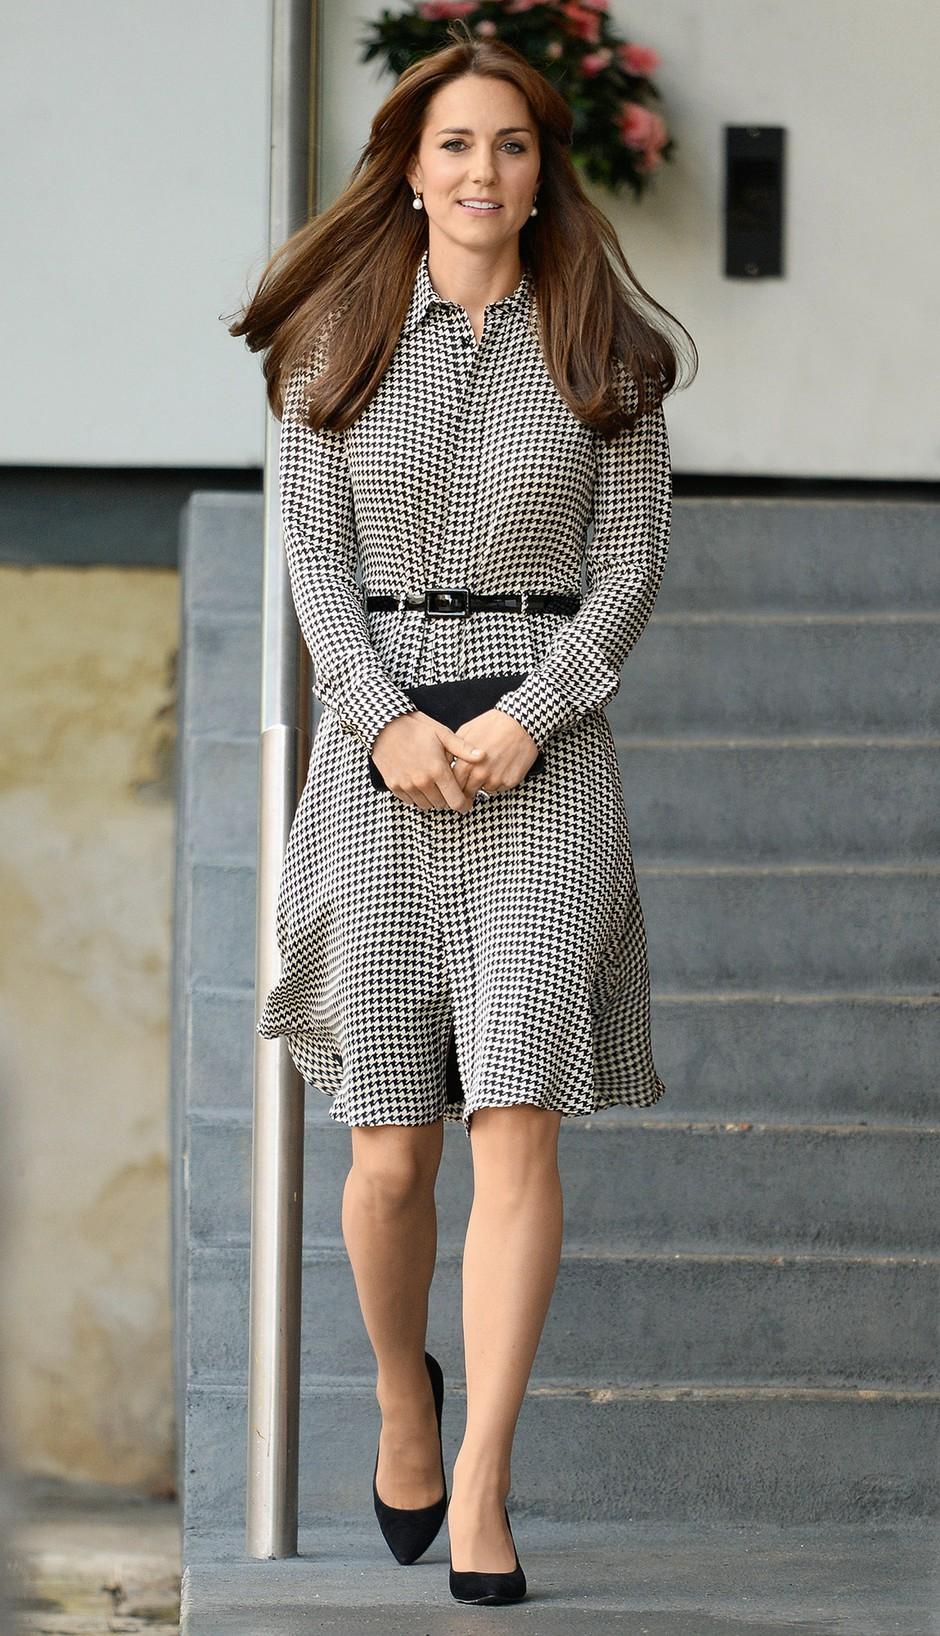 Karkoli obleče Kate, postane na Otoku modni hit. (foto: Profimedia)